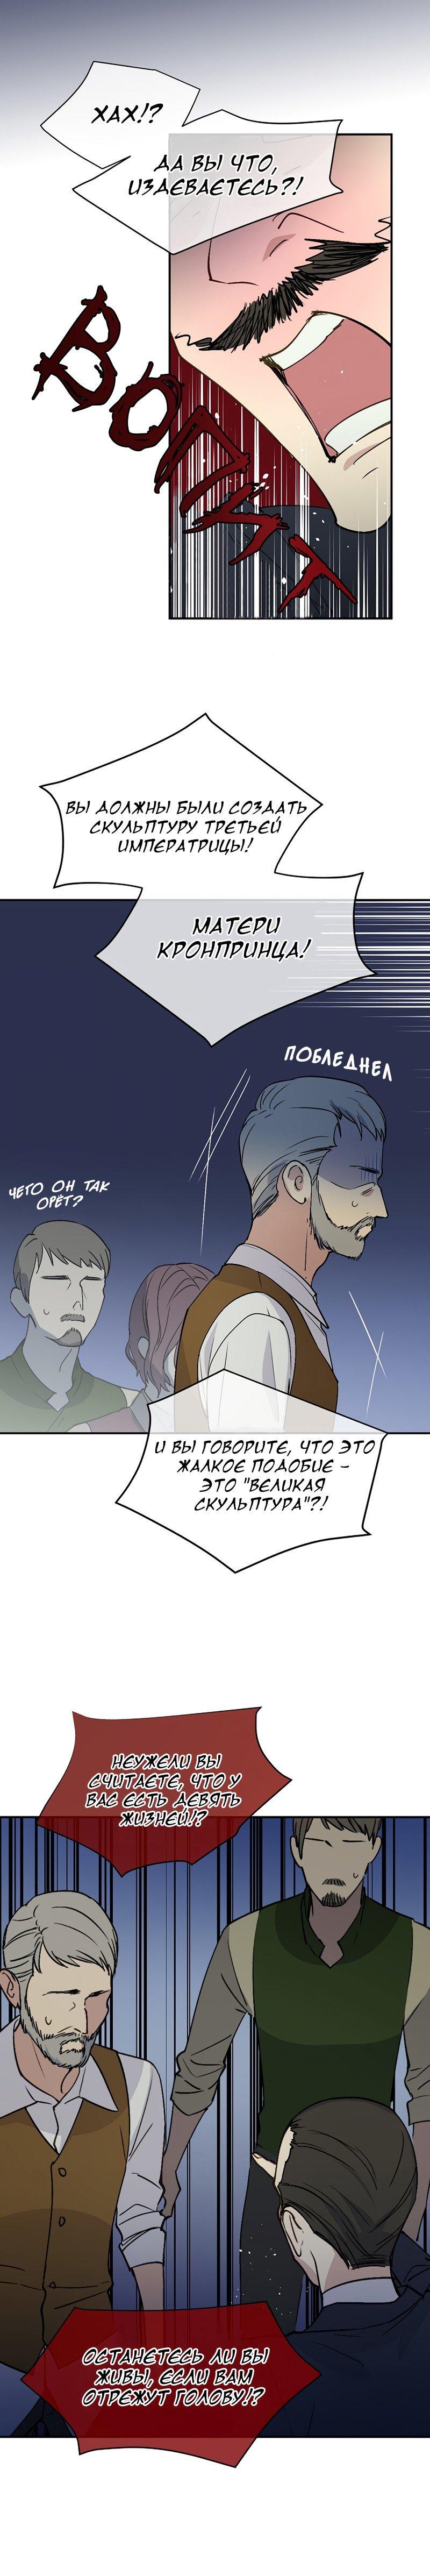 Манга Способная горничная / Capable maid  - Том 1 Глава 3 Страница 25